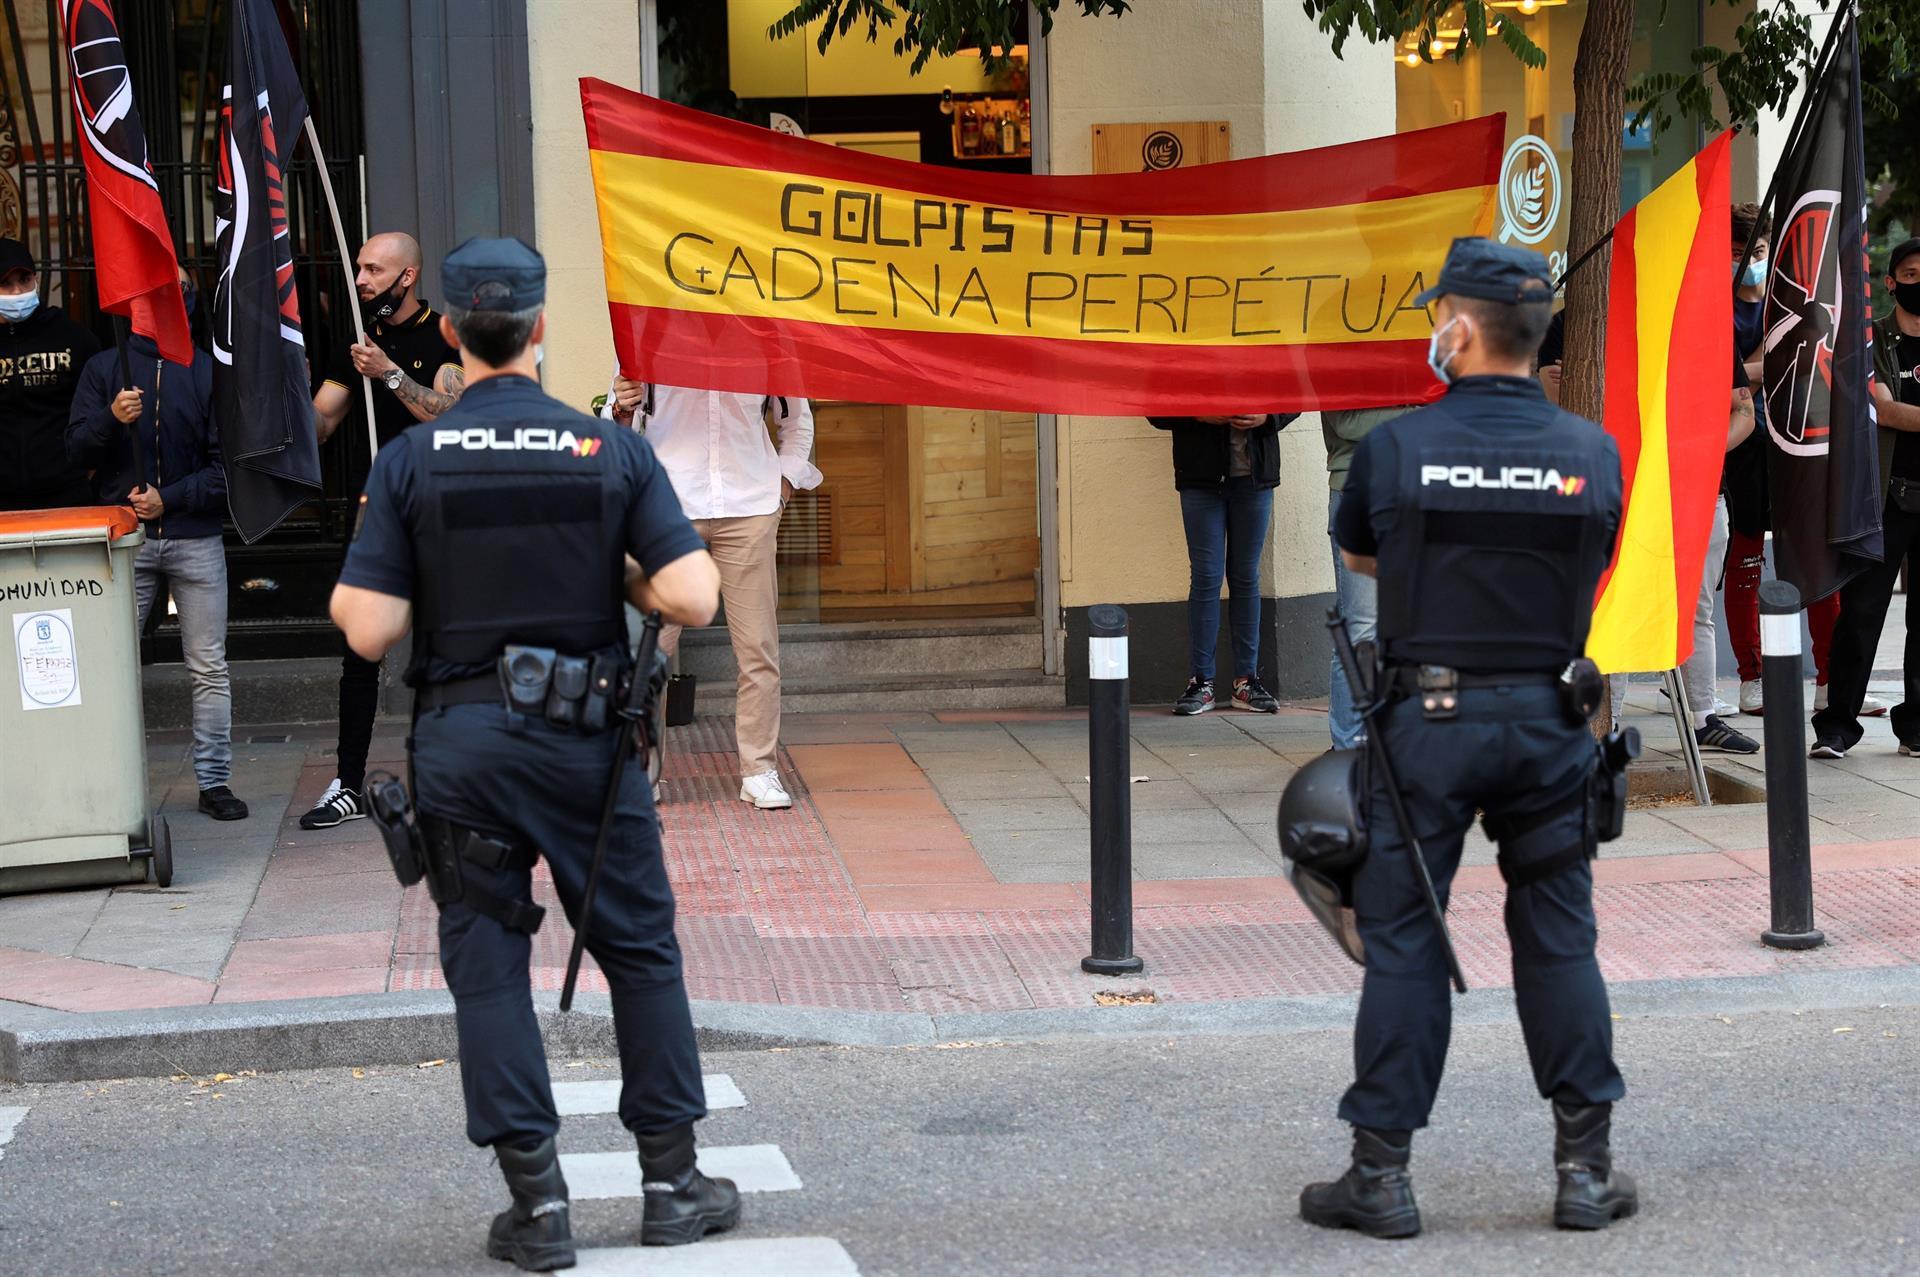 """Miembros de la organización política de extrema derecha """"Bastión Frontal"""" asisten a una protesta contra la inminente aprobación de los indultos a los líderes independentistas del """"procés"""", este lunes en Madrid. EFE/Rodrigo Jiménez"""